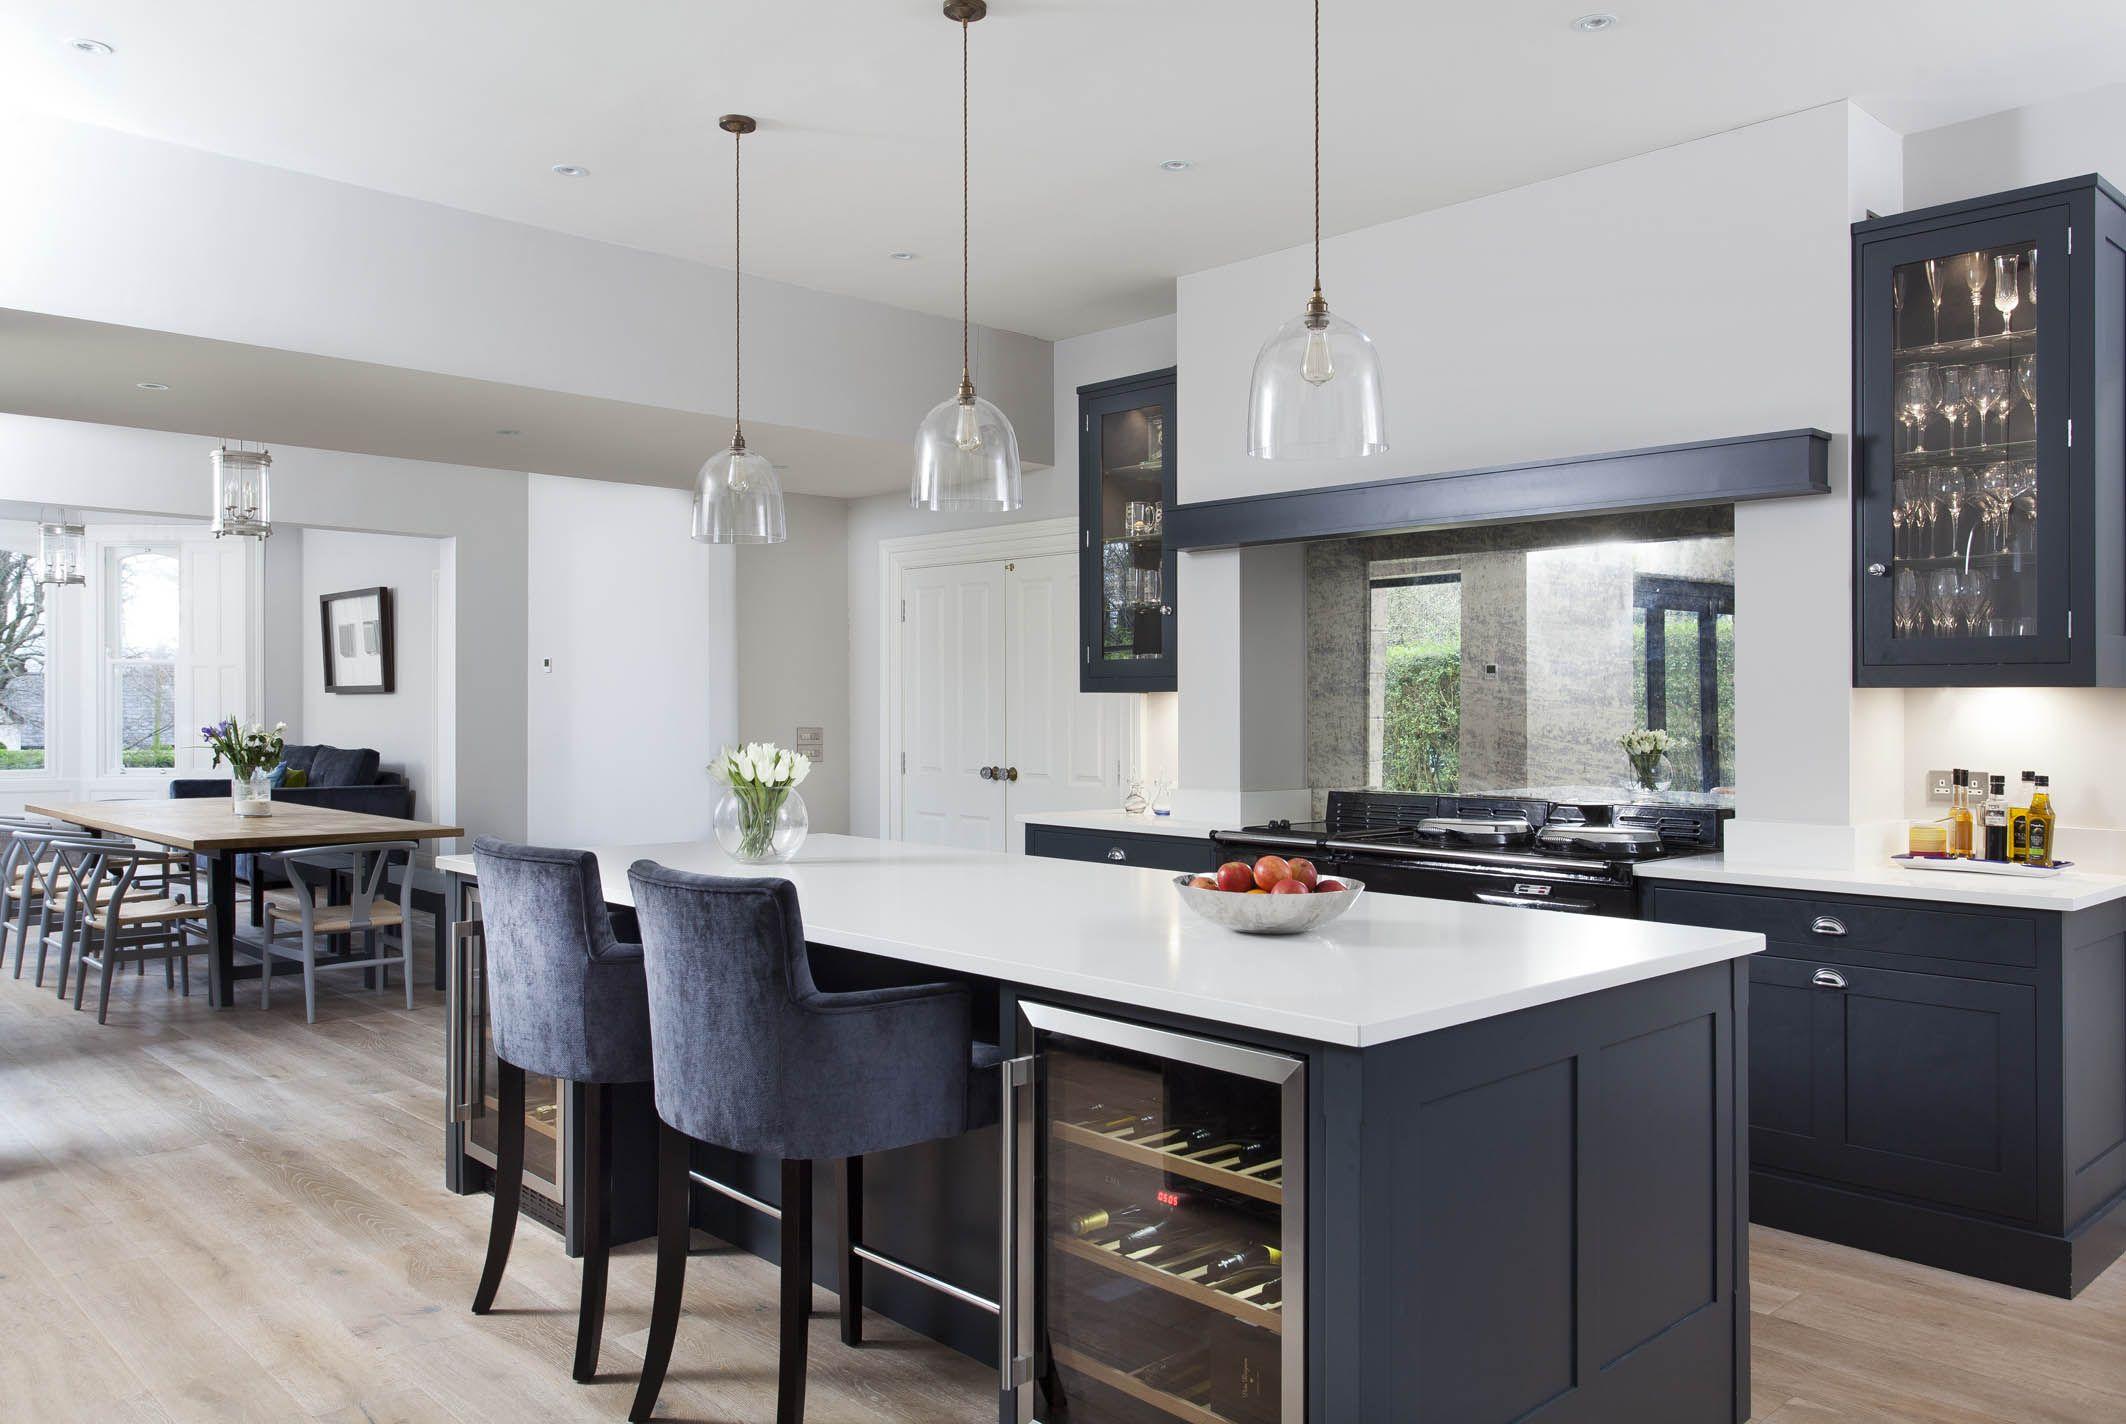 Kitchens Belfast & Bespoke Kitchen Design Northern Ireland